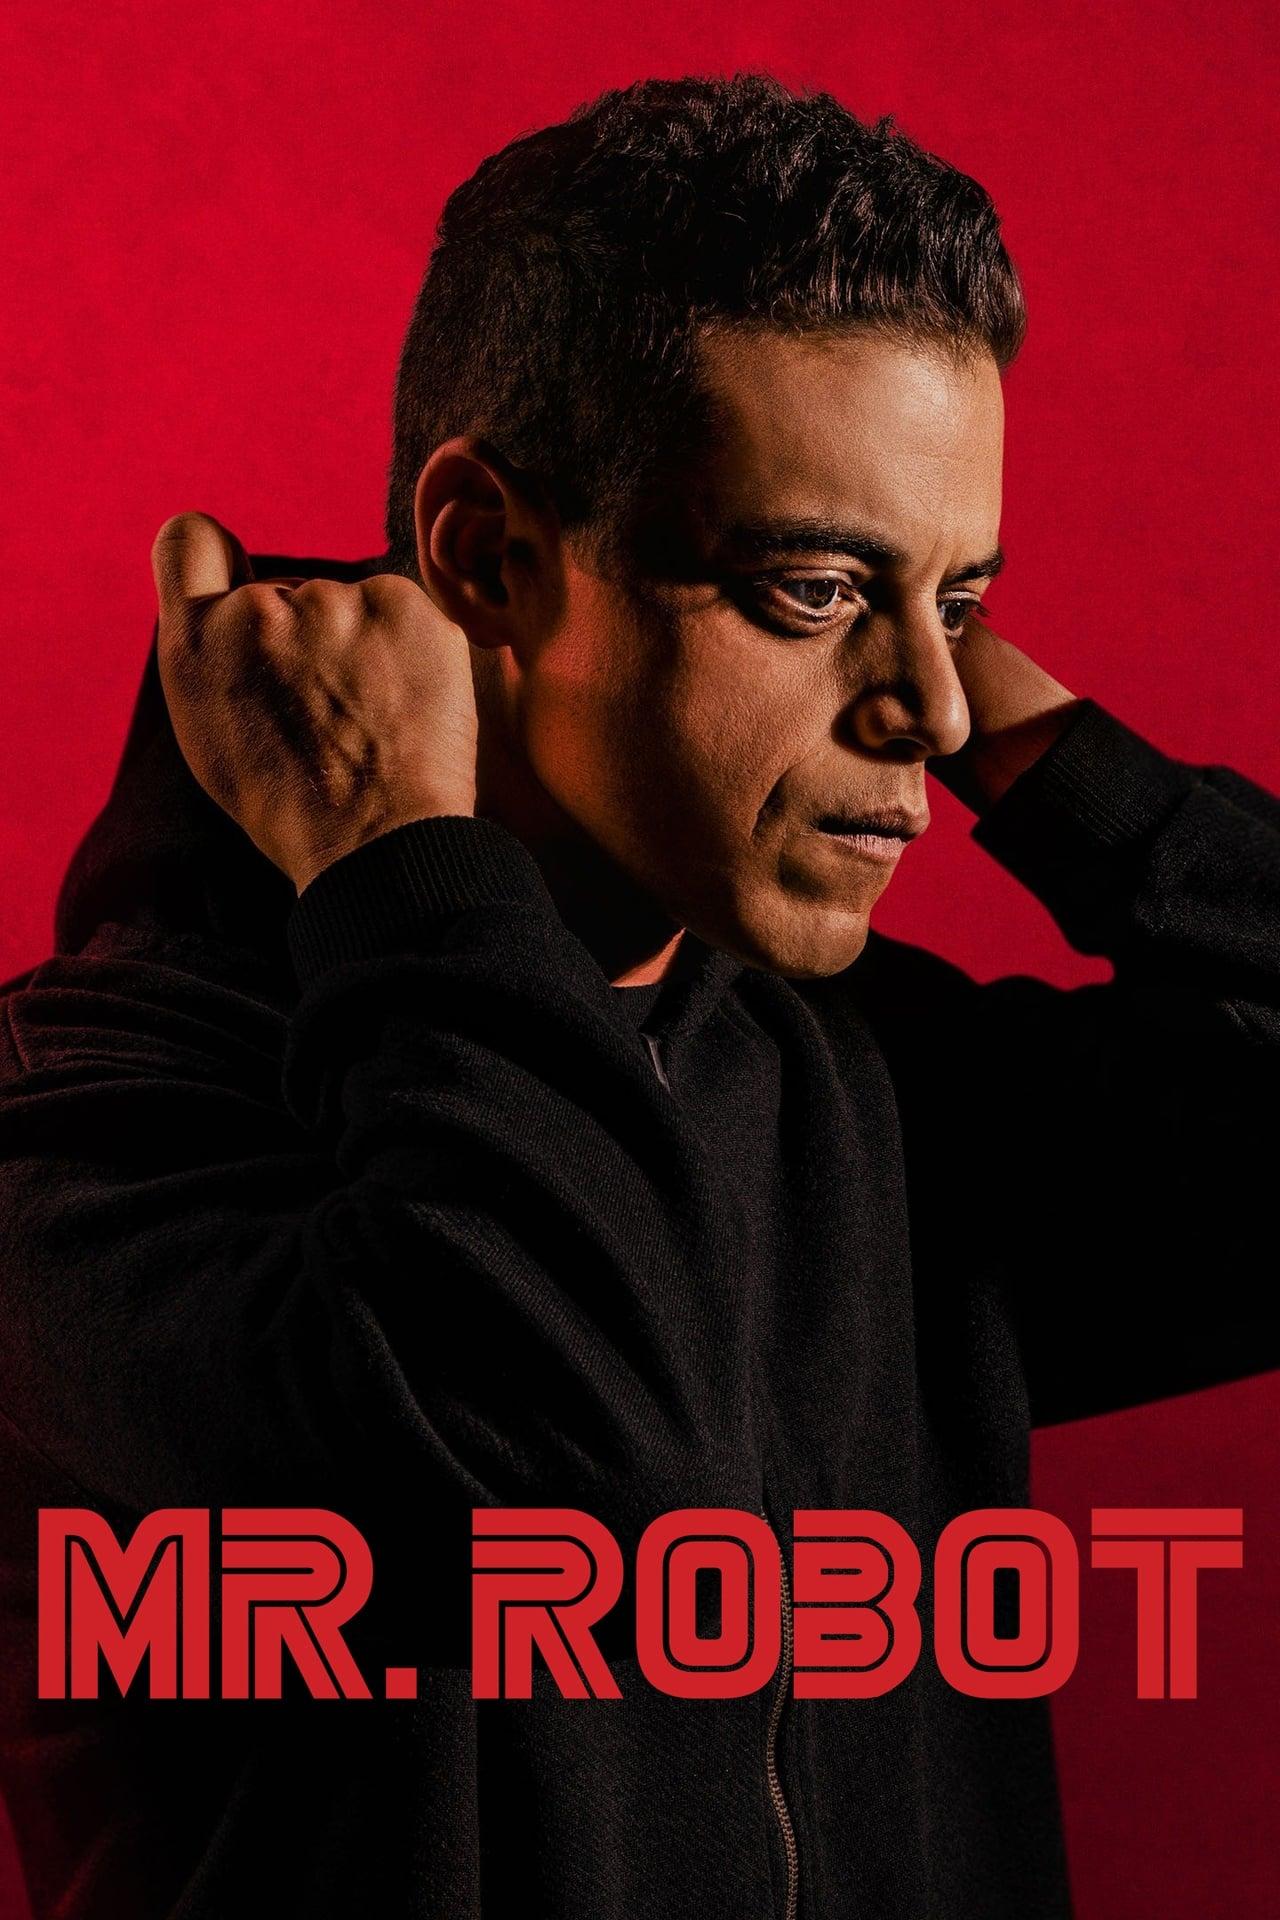 phim đa nhân cách mr. robot